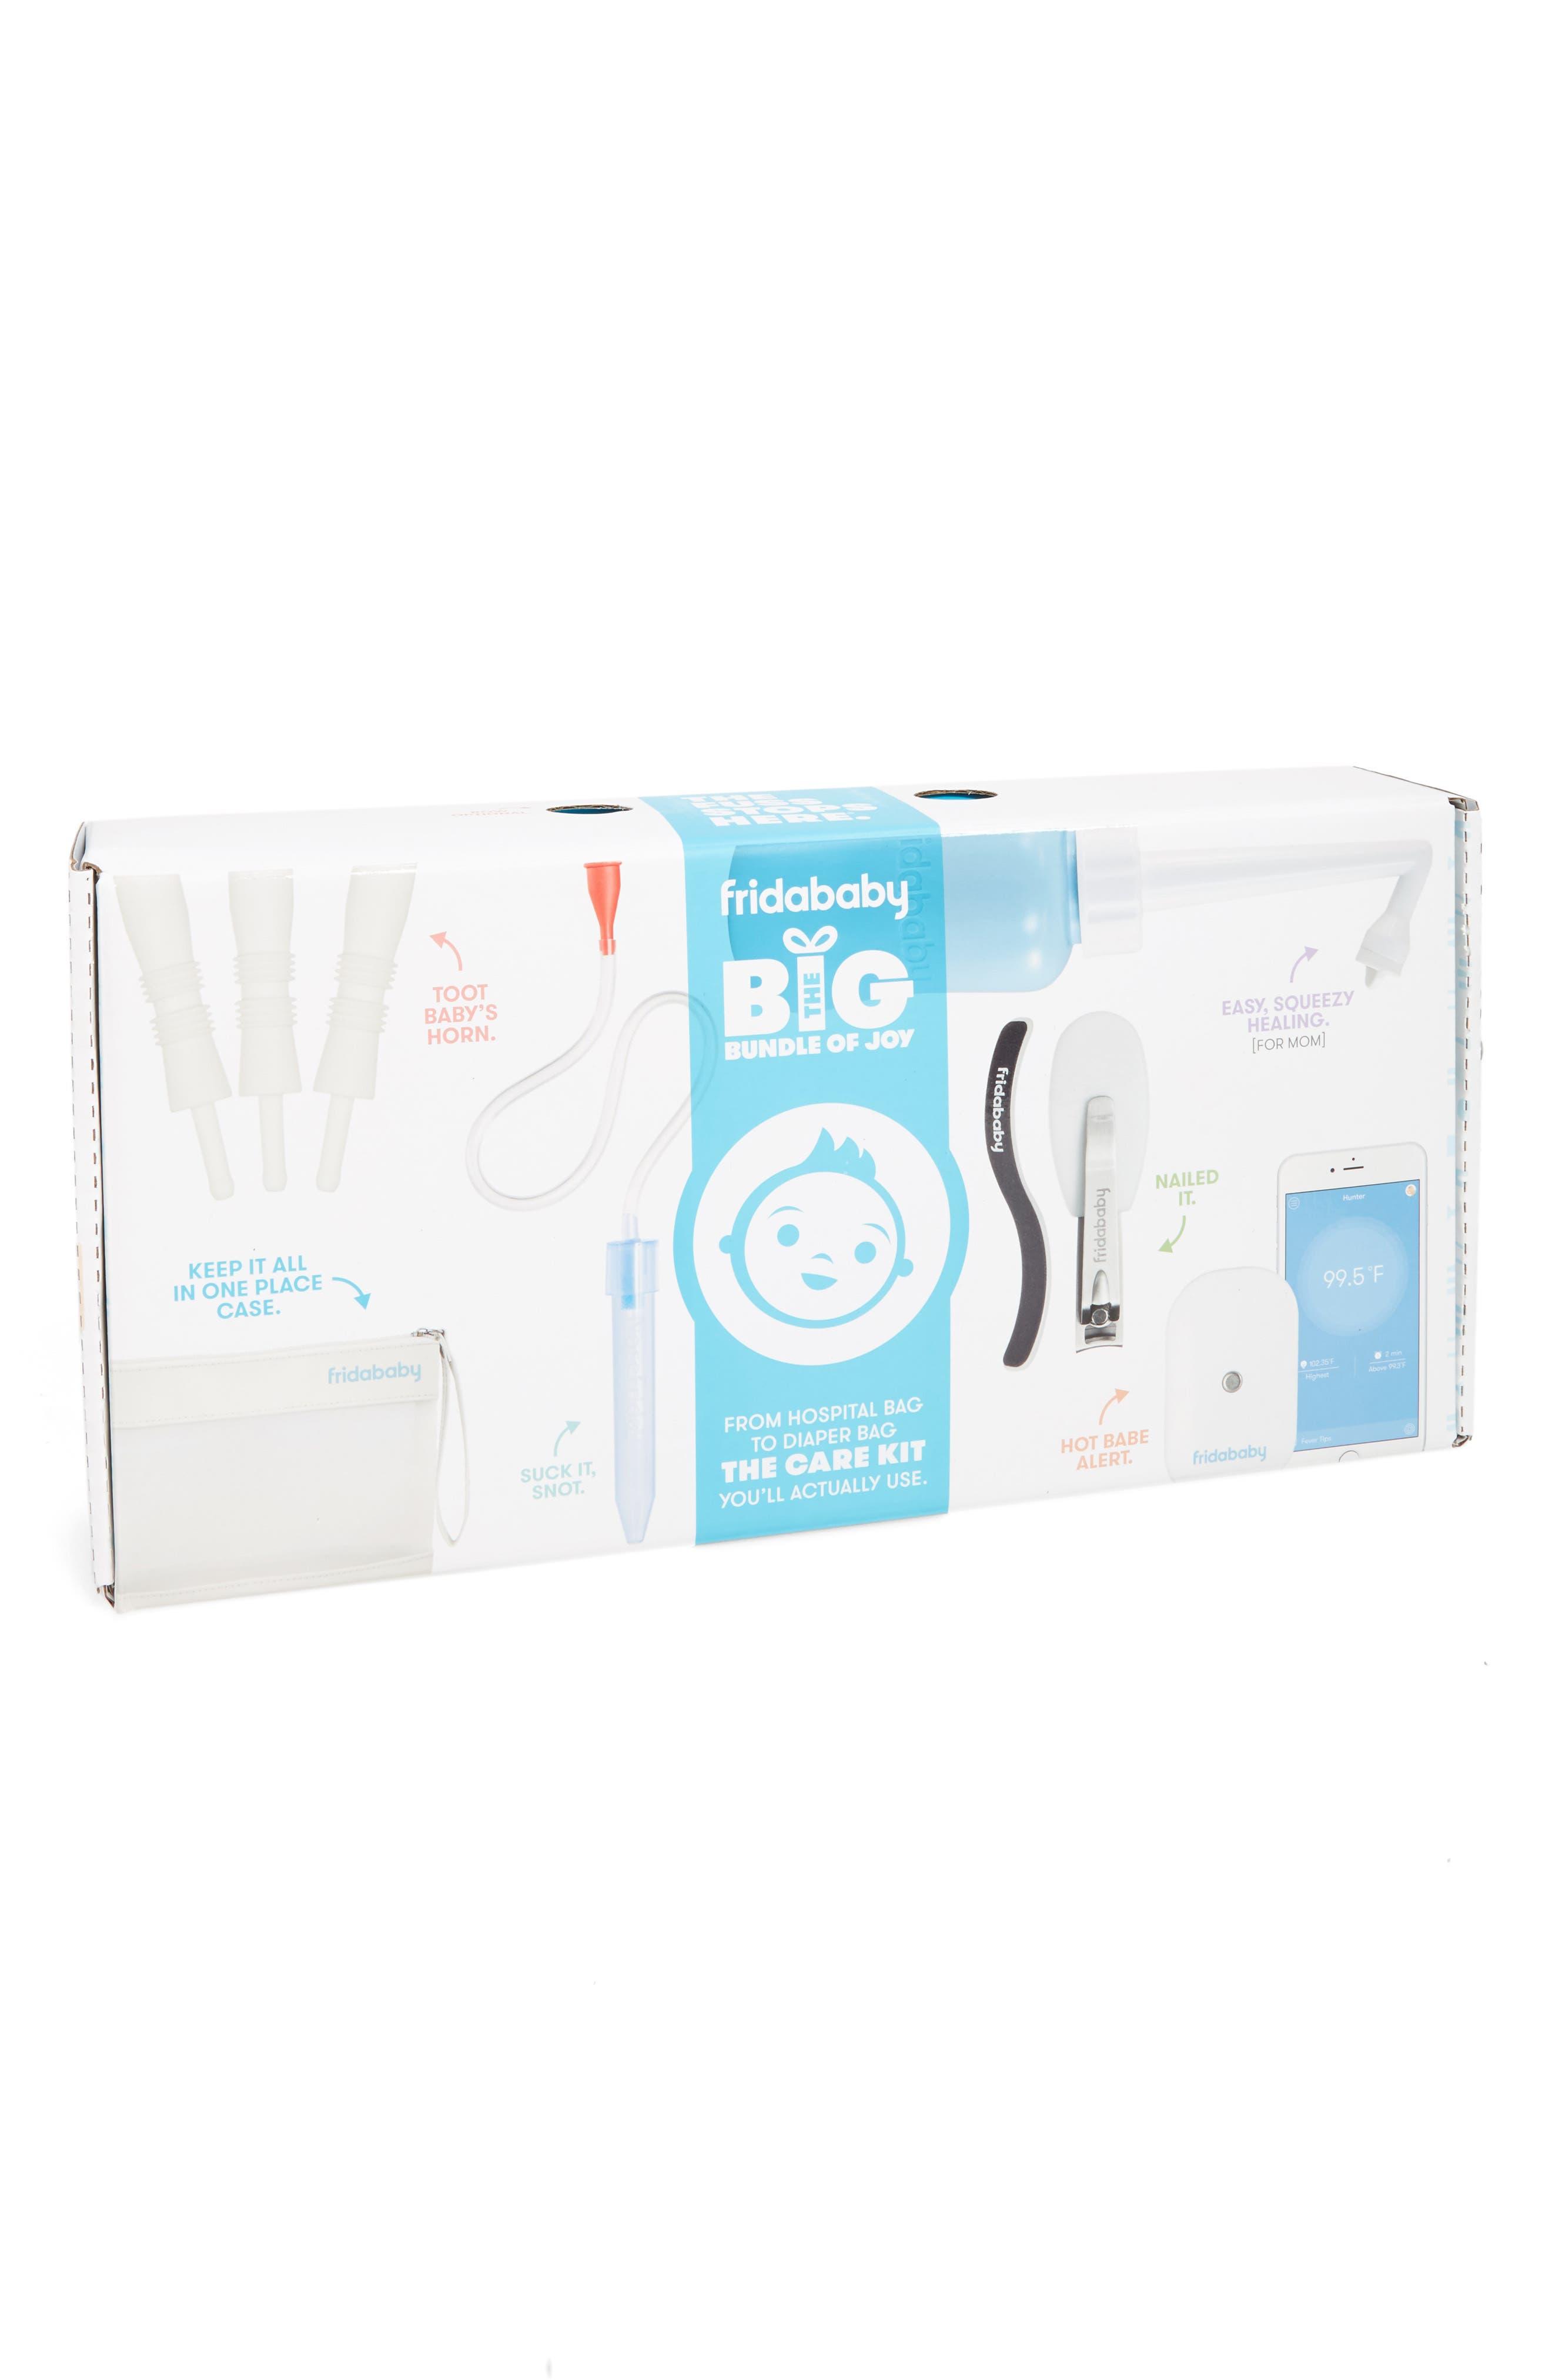 Fridababy The Big Bundle Of Joy Newborn Care Kit Size One Size  White